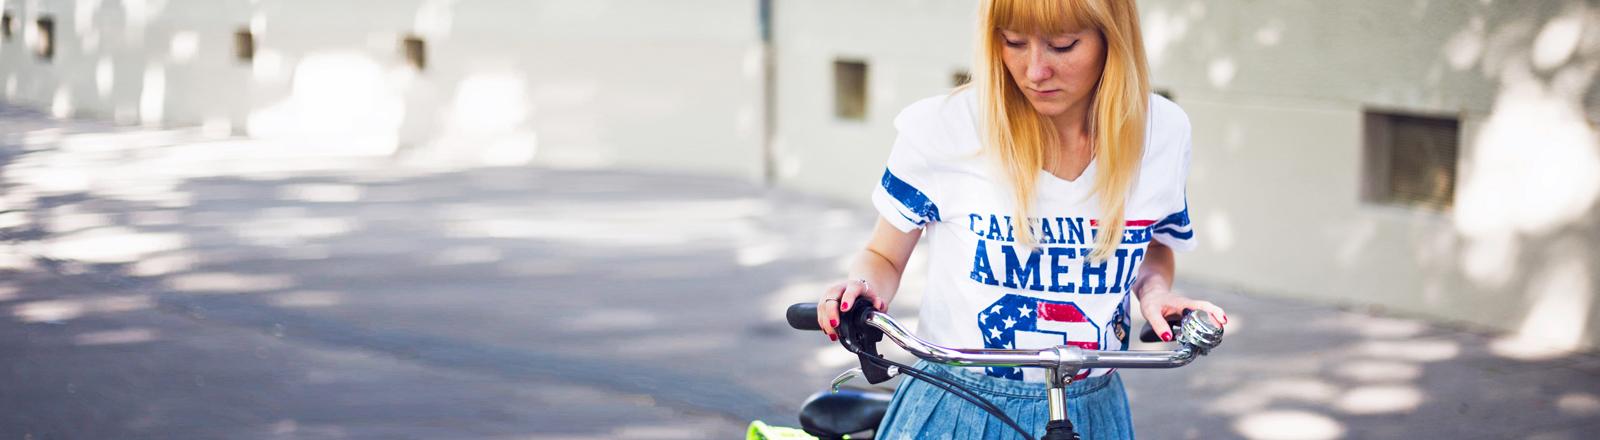 Eine Frau mit Fahrrad trägt ein Shirt: Captain Amerika.